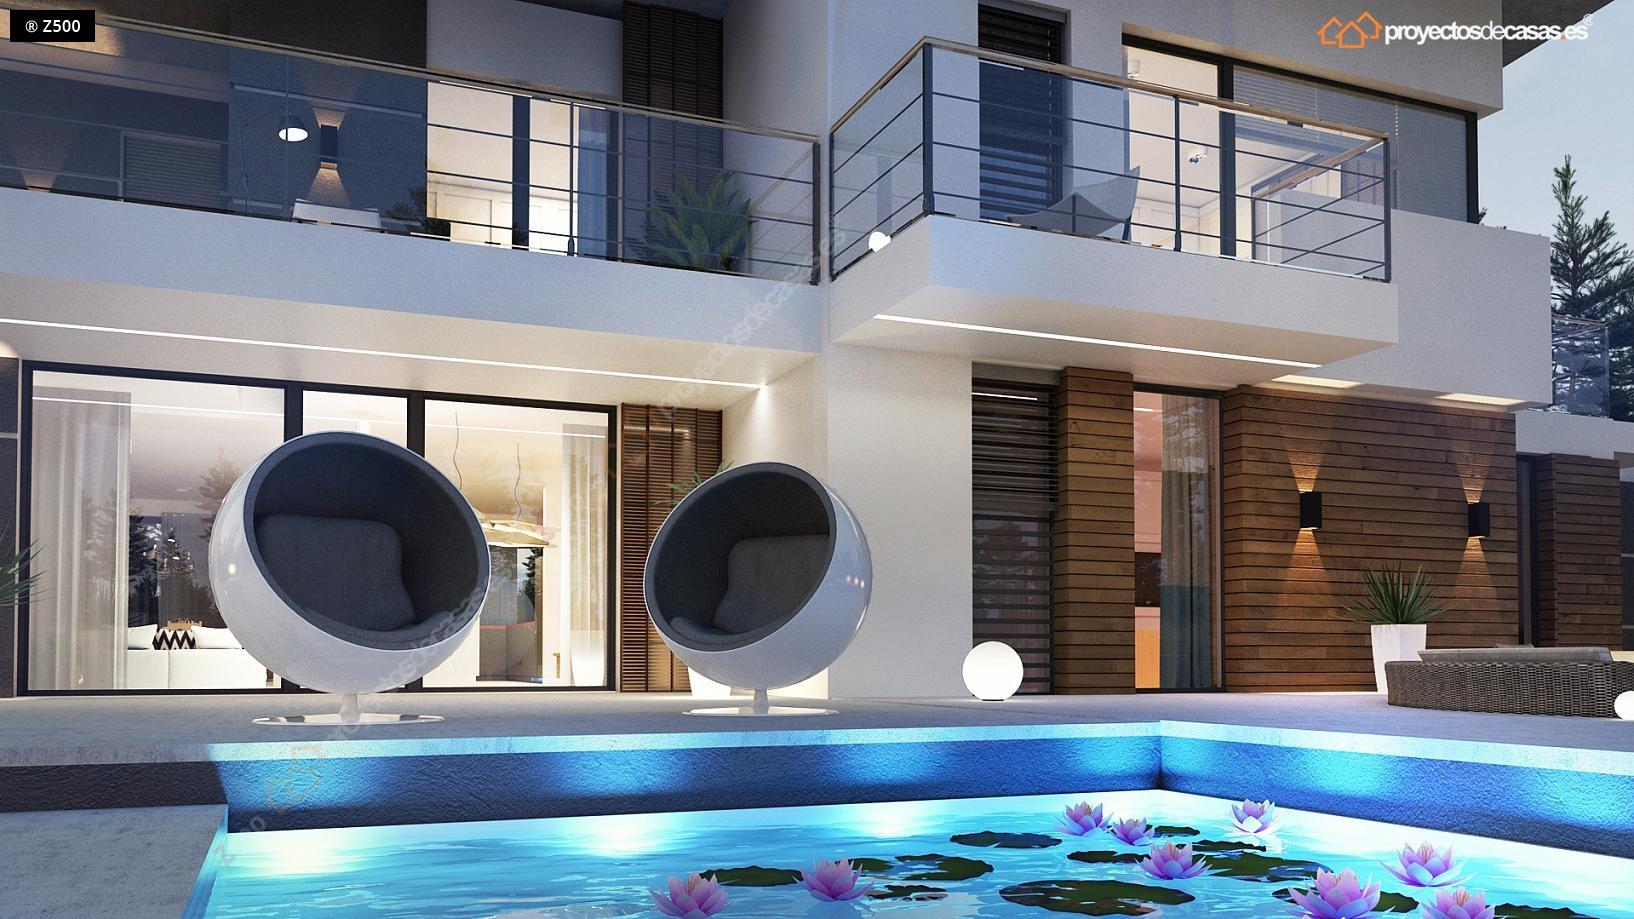 Proyectos de casas casa moderna con piscina proyectosdecasas dise amos y construimos casas - Casas modernas con piscina ...